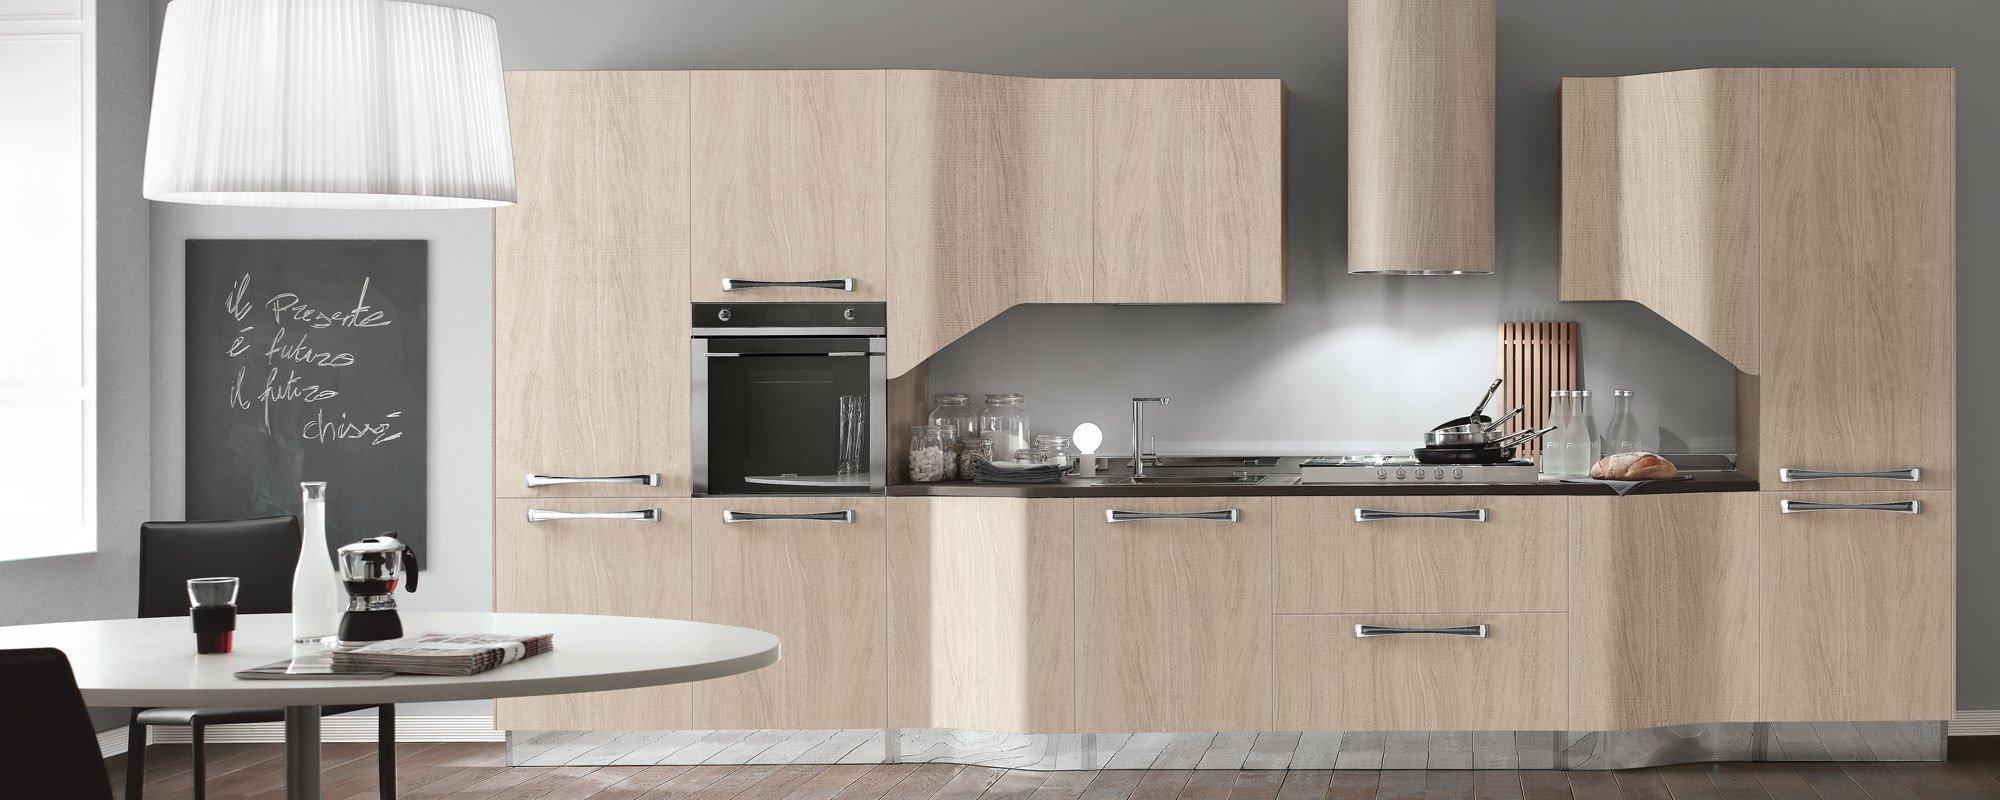 cucina moderna in legno con arredamento -Milly